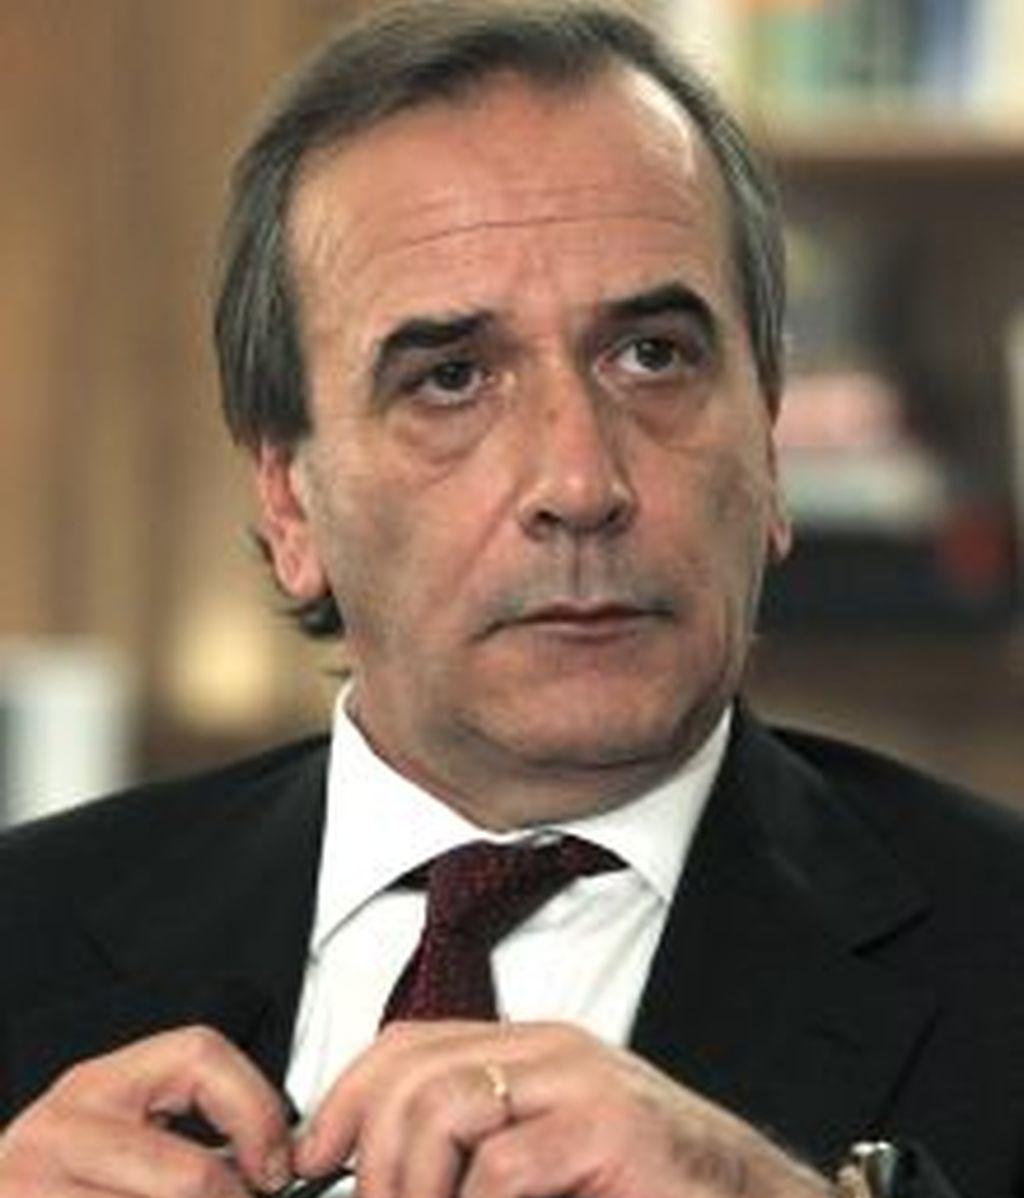 Fotografía de archivo tomada el 23/01/2011 del portavoz del PSOE en el Congreso, José Antonio Alonso. EFE